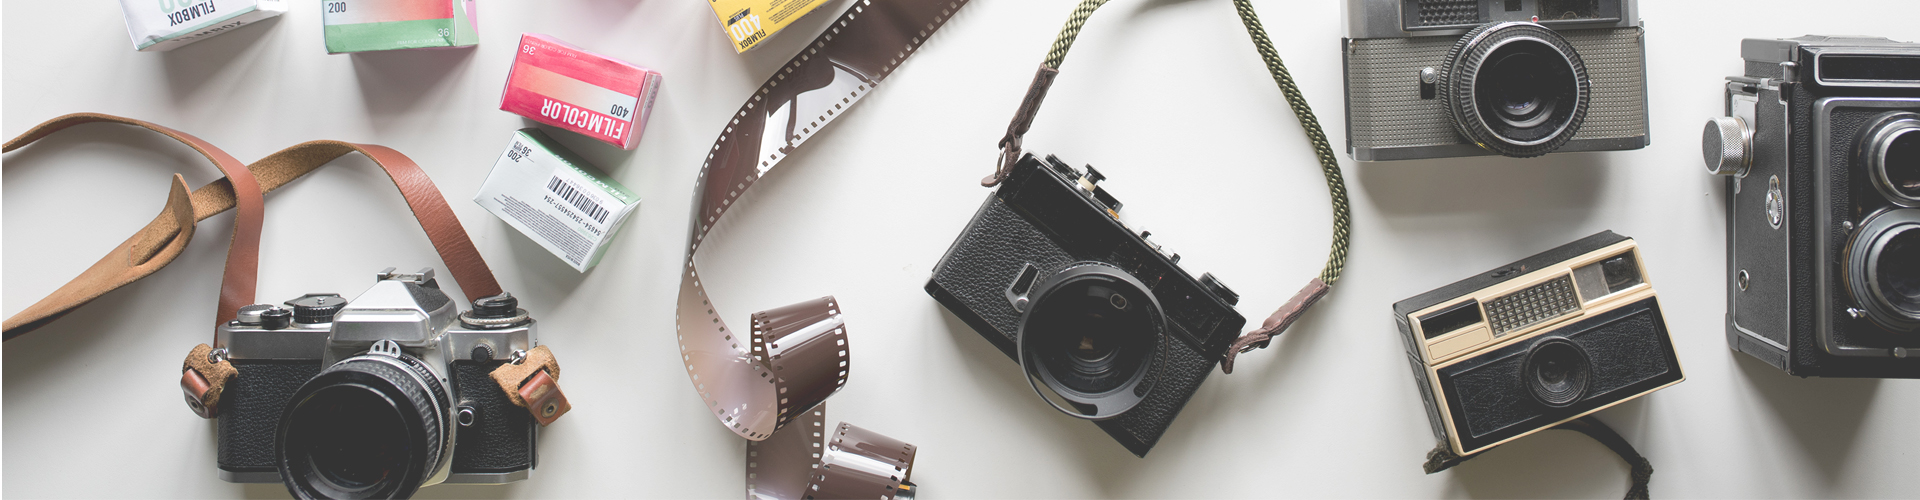 cameras and film